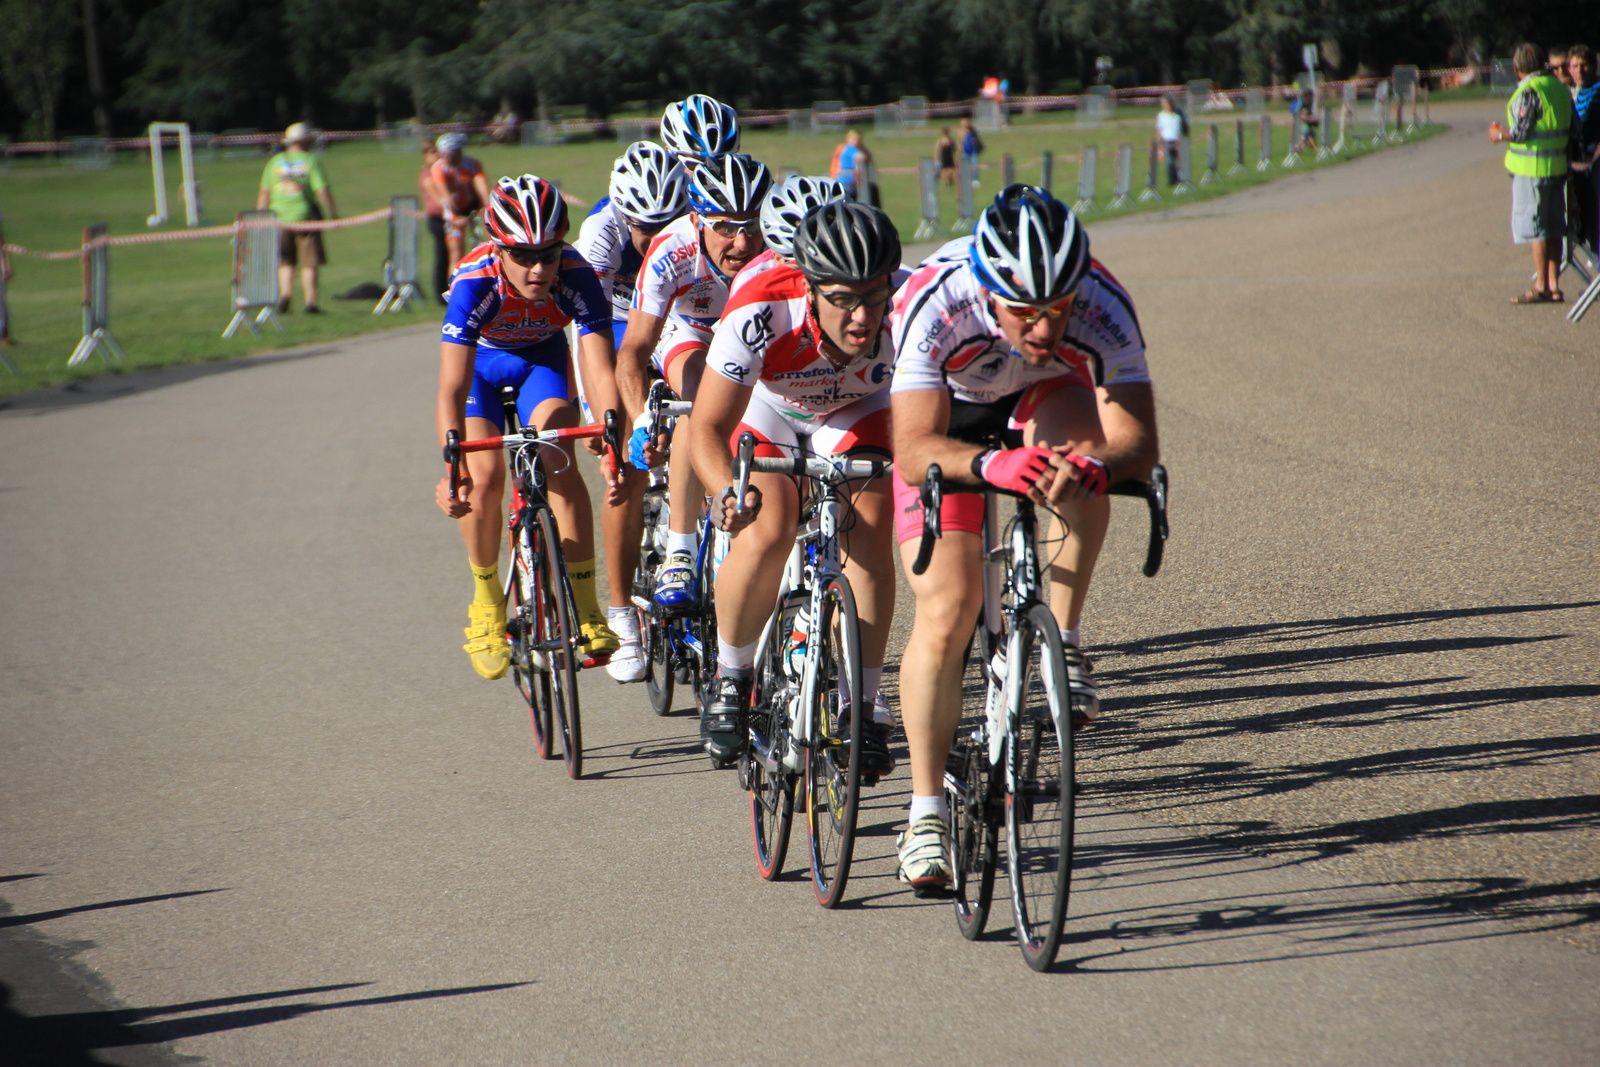 La participation au Grand prix cycliste de la ville fluctue en fonction du temps